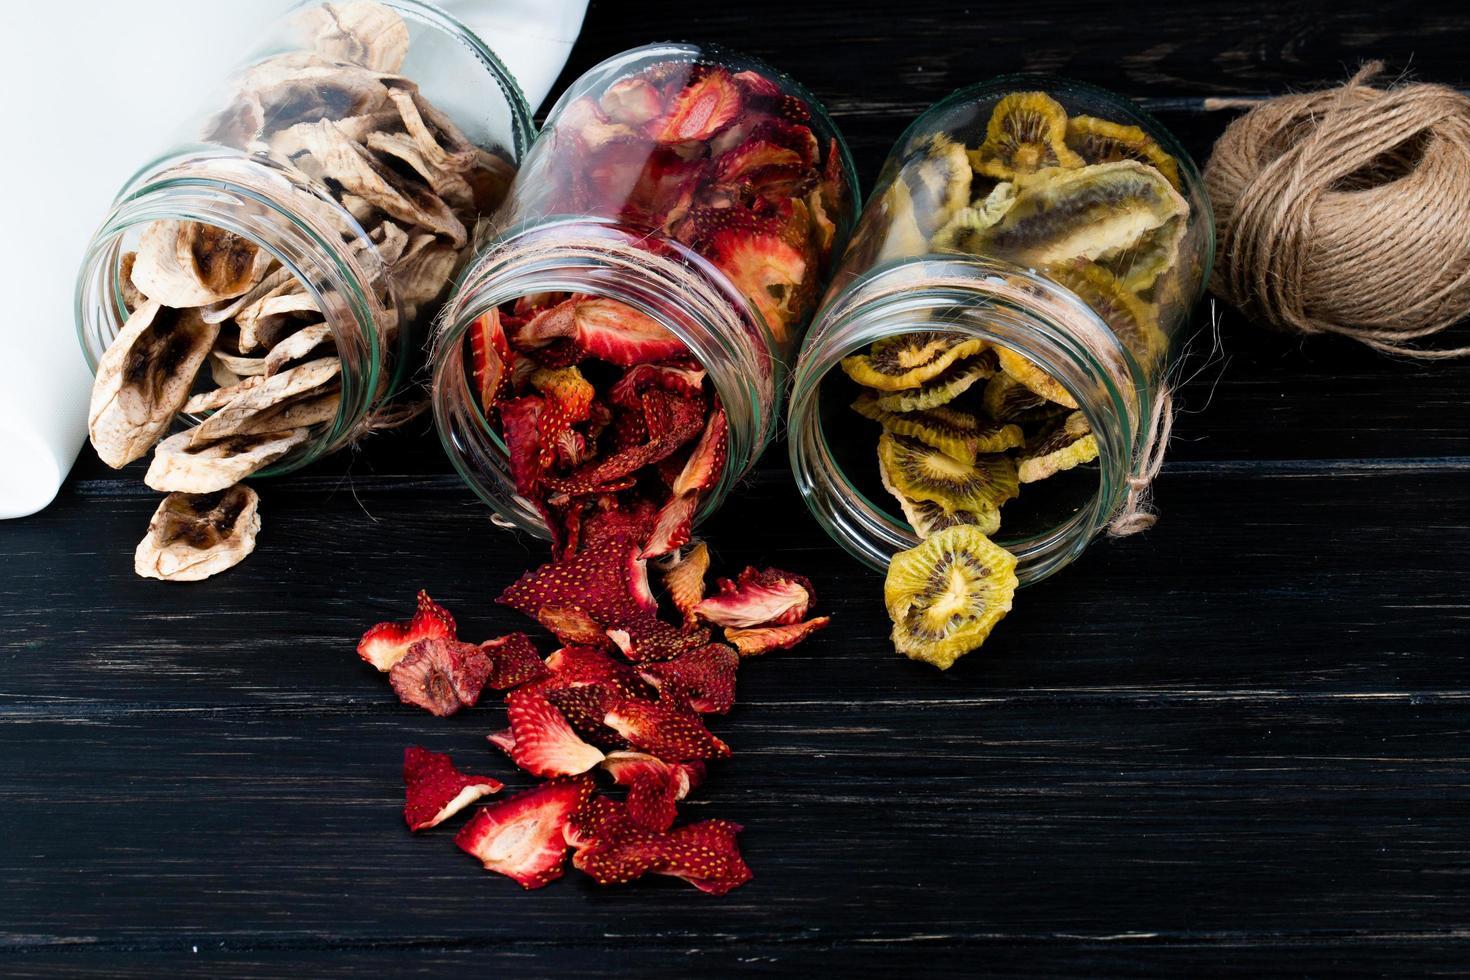 primo piano di barattoli di fette di frutta secca foto